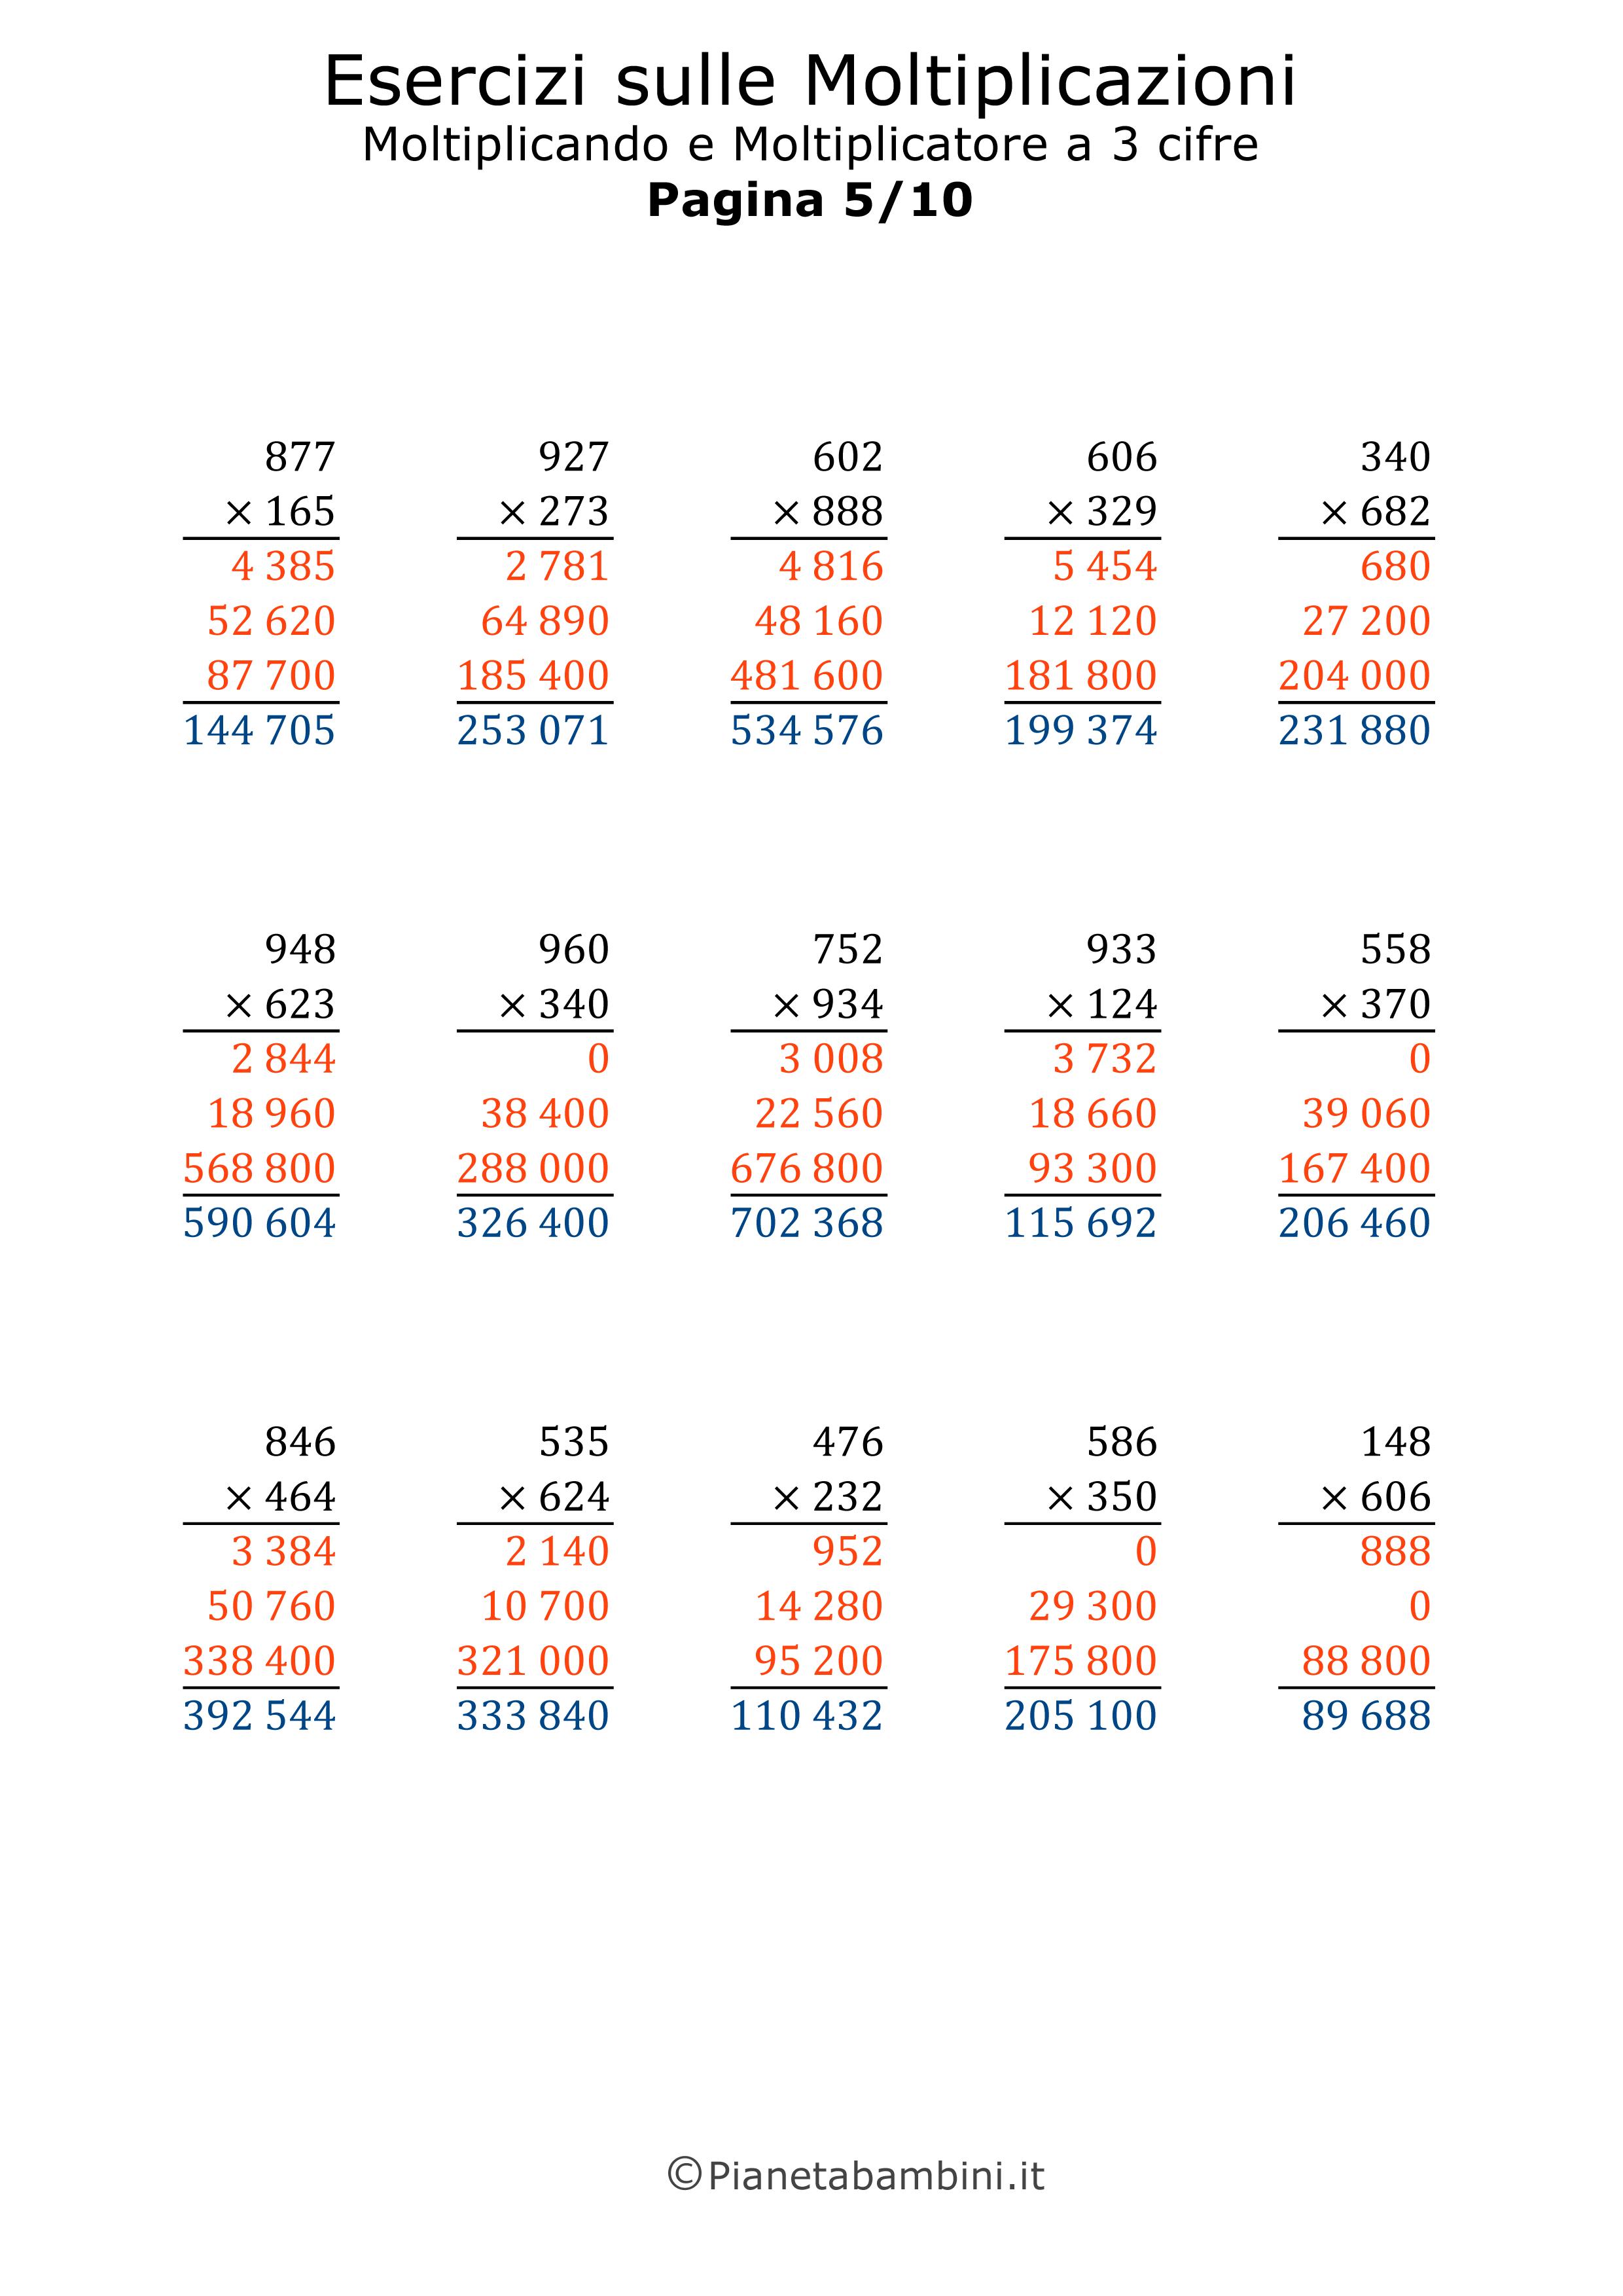 Soluzioni-Moltiplicazioni-3-Cifre_05